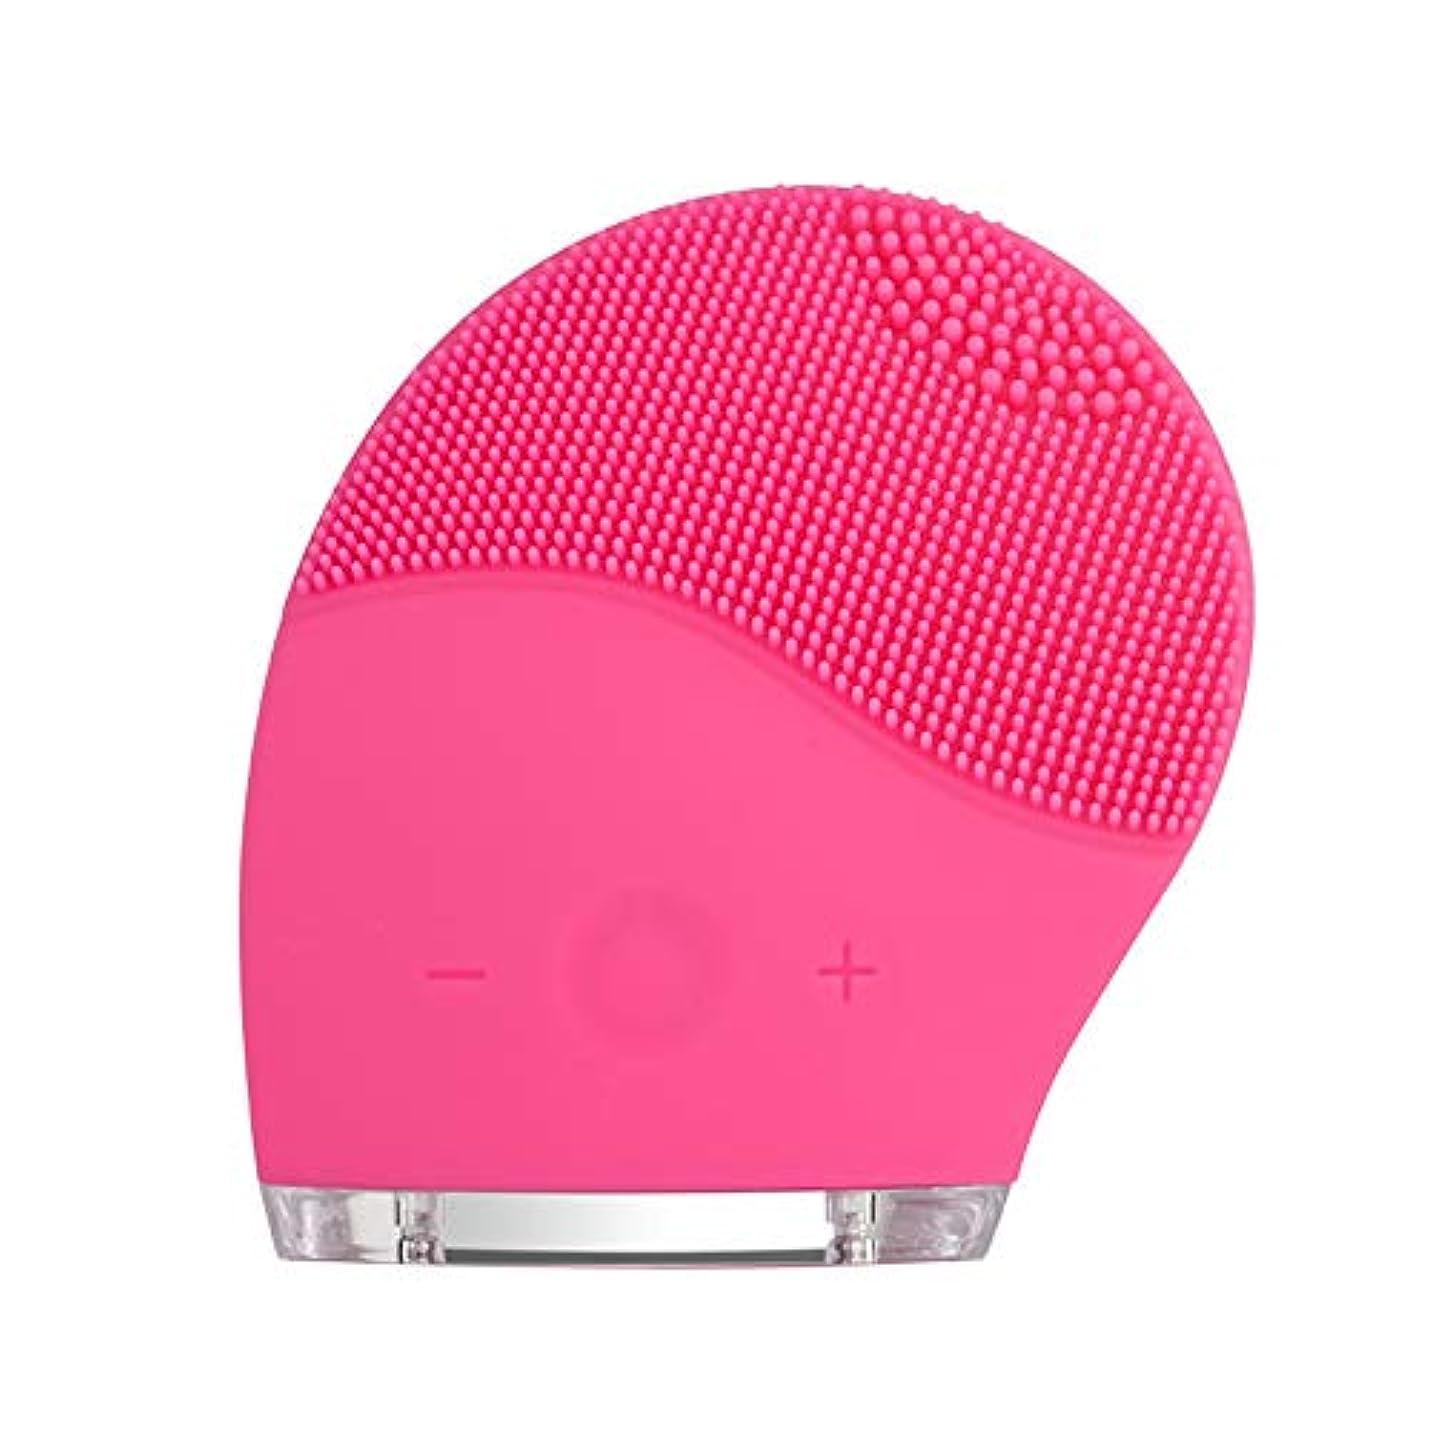 群衆アミューズメント略奪kaixi 2019最新のシリコーンクレンジング楽器洗浄ブラシ電気美容器具毛穴きれいな柔らかい髪振動充電式洗浄アーティファクト